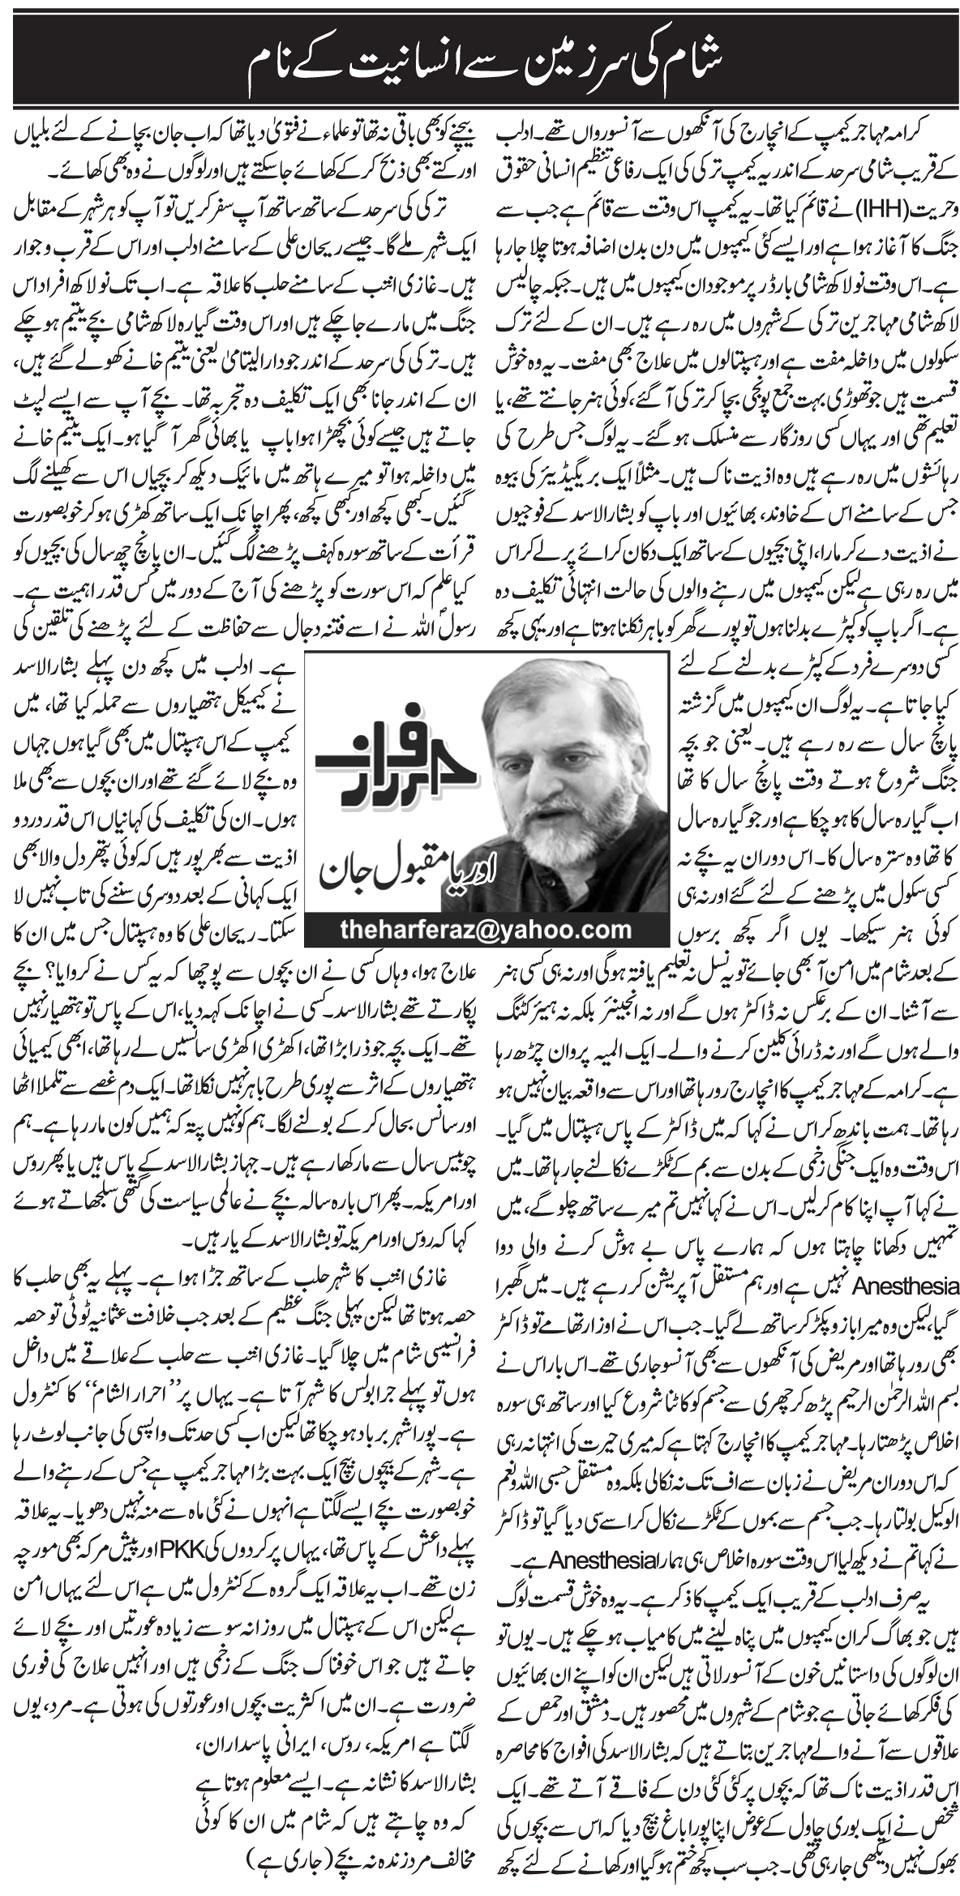 Sham ki Sarzamain say Insaniyat K Naam  Part-1 By Orya Maqbool Jan